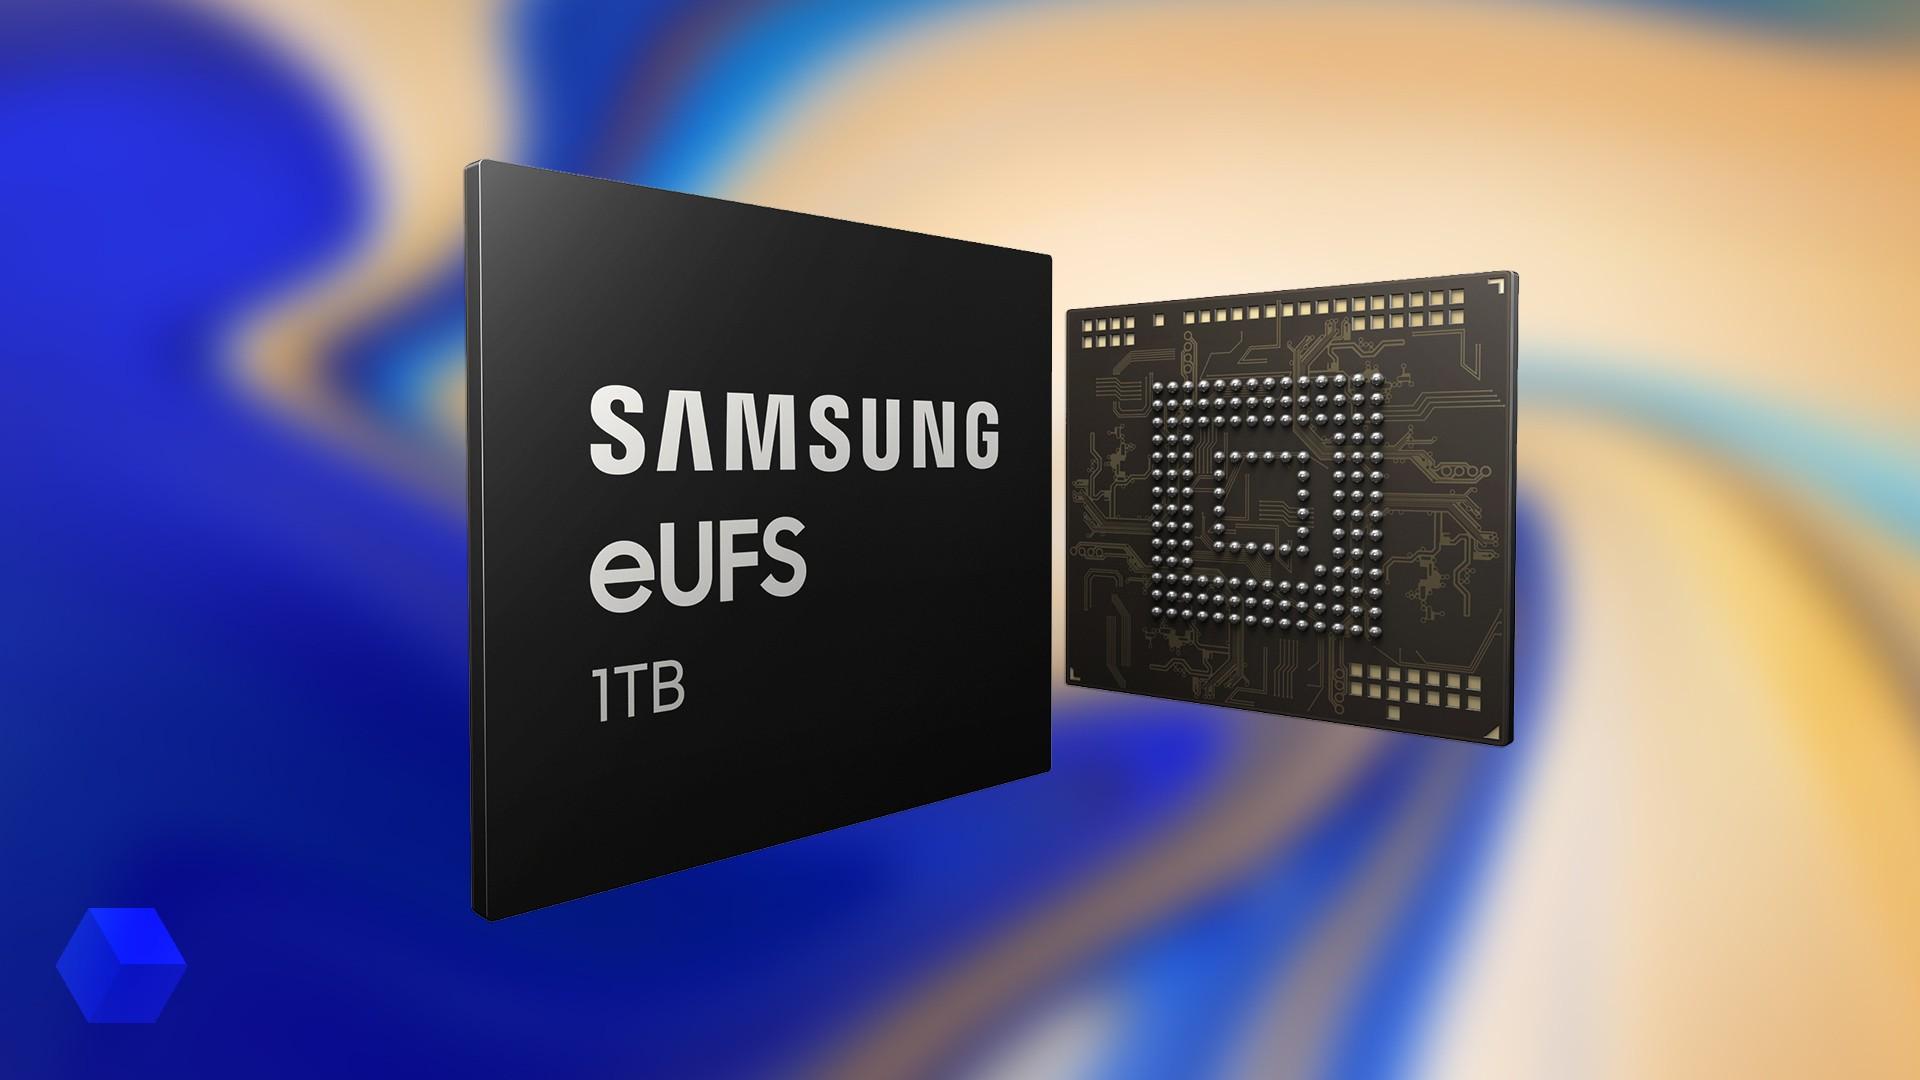 Смартфоны Samsung получат модуль встроенной памяти на 1 ТБ